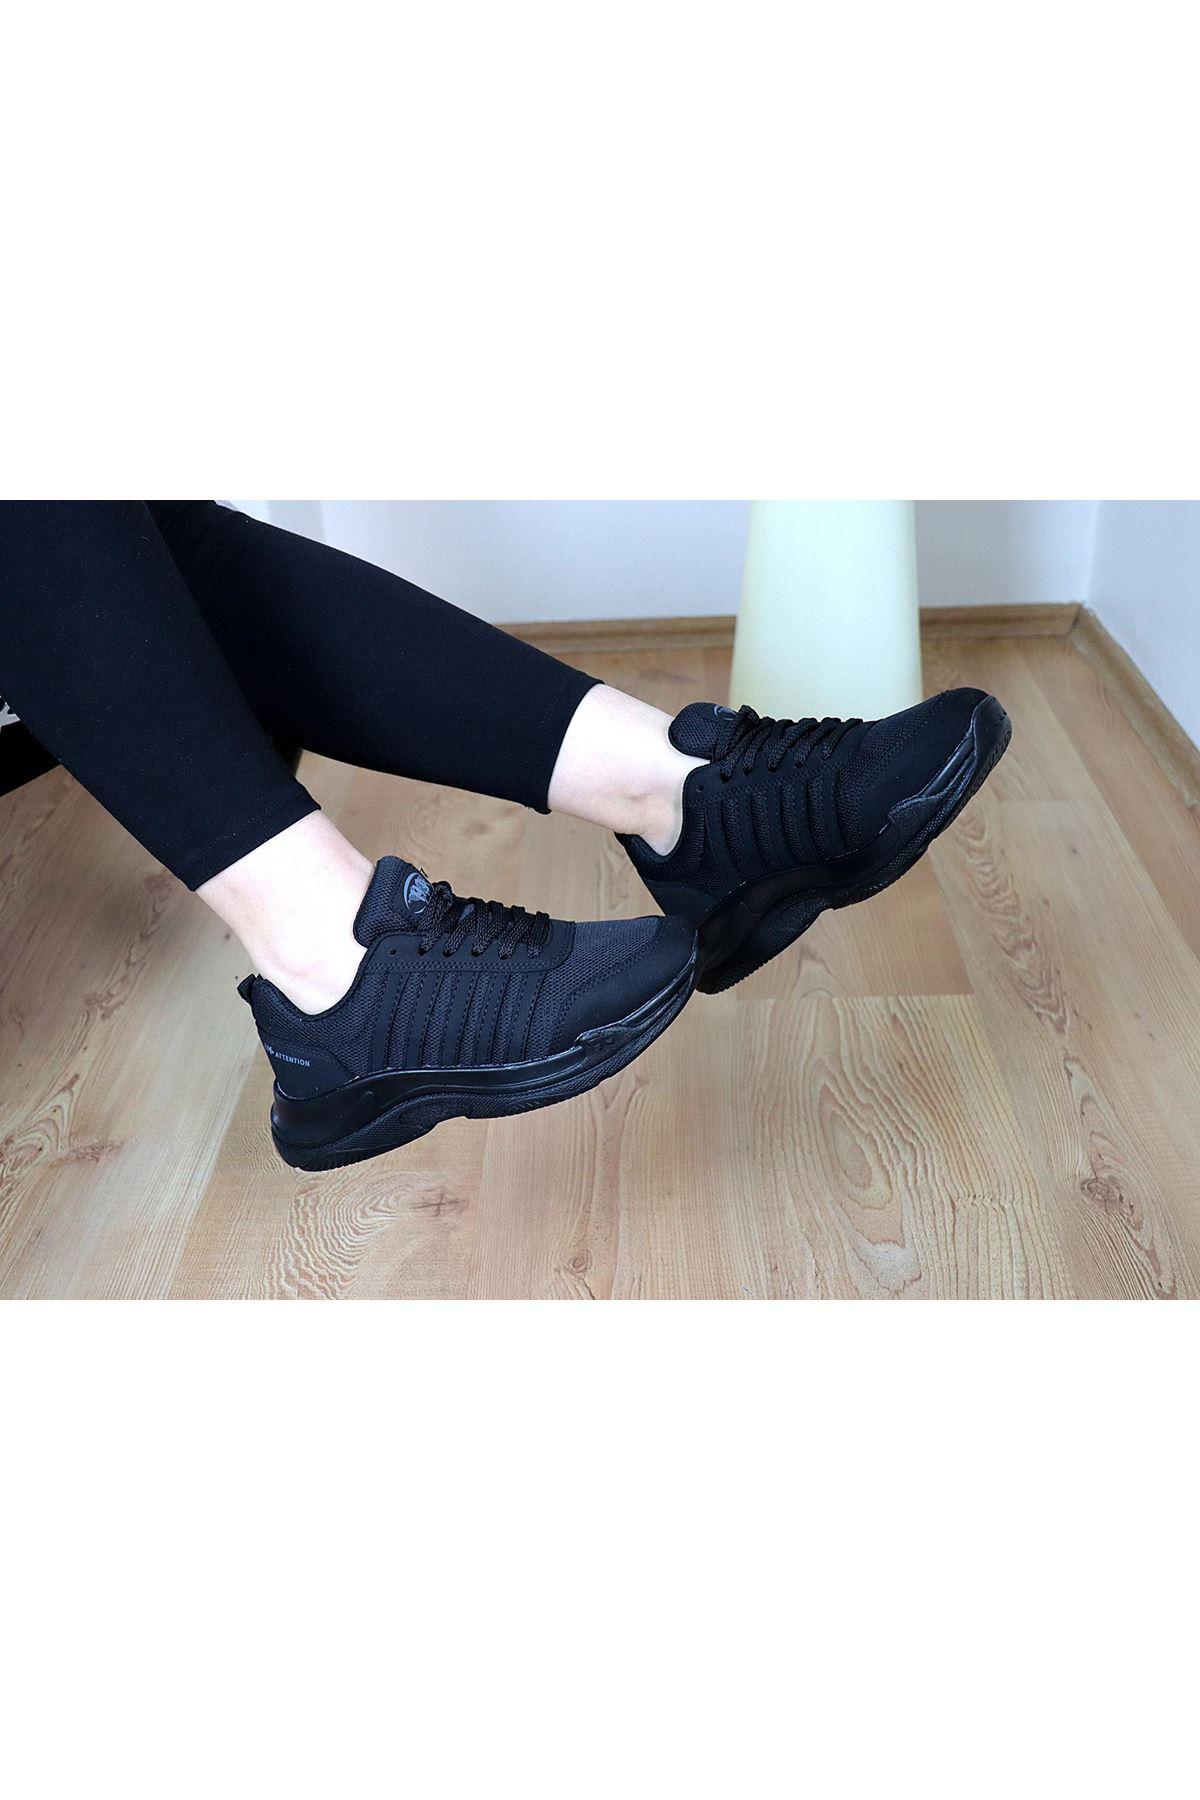 MP 205300 Yüksek Tabanlı Comfort Kadın Spor Ayakkabı